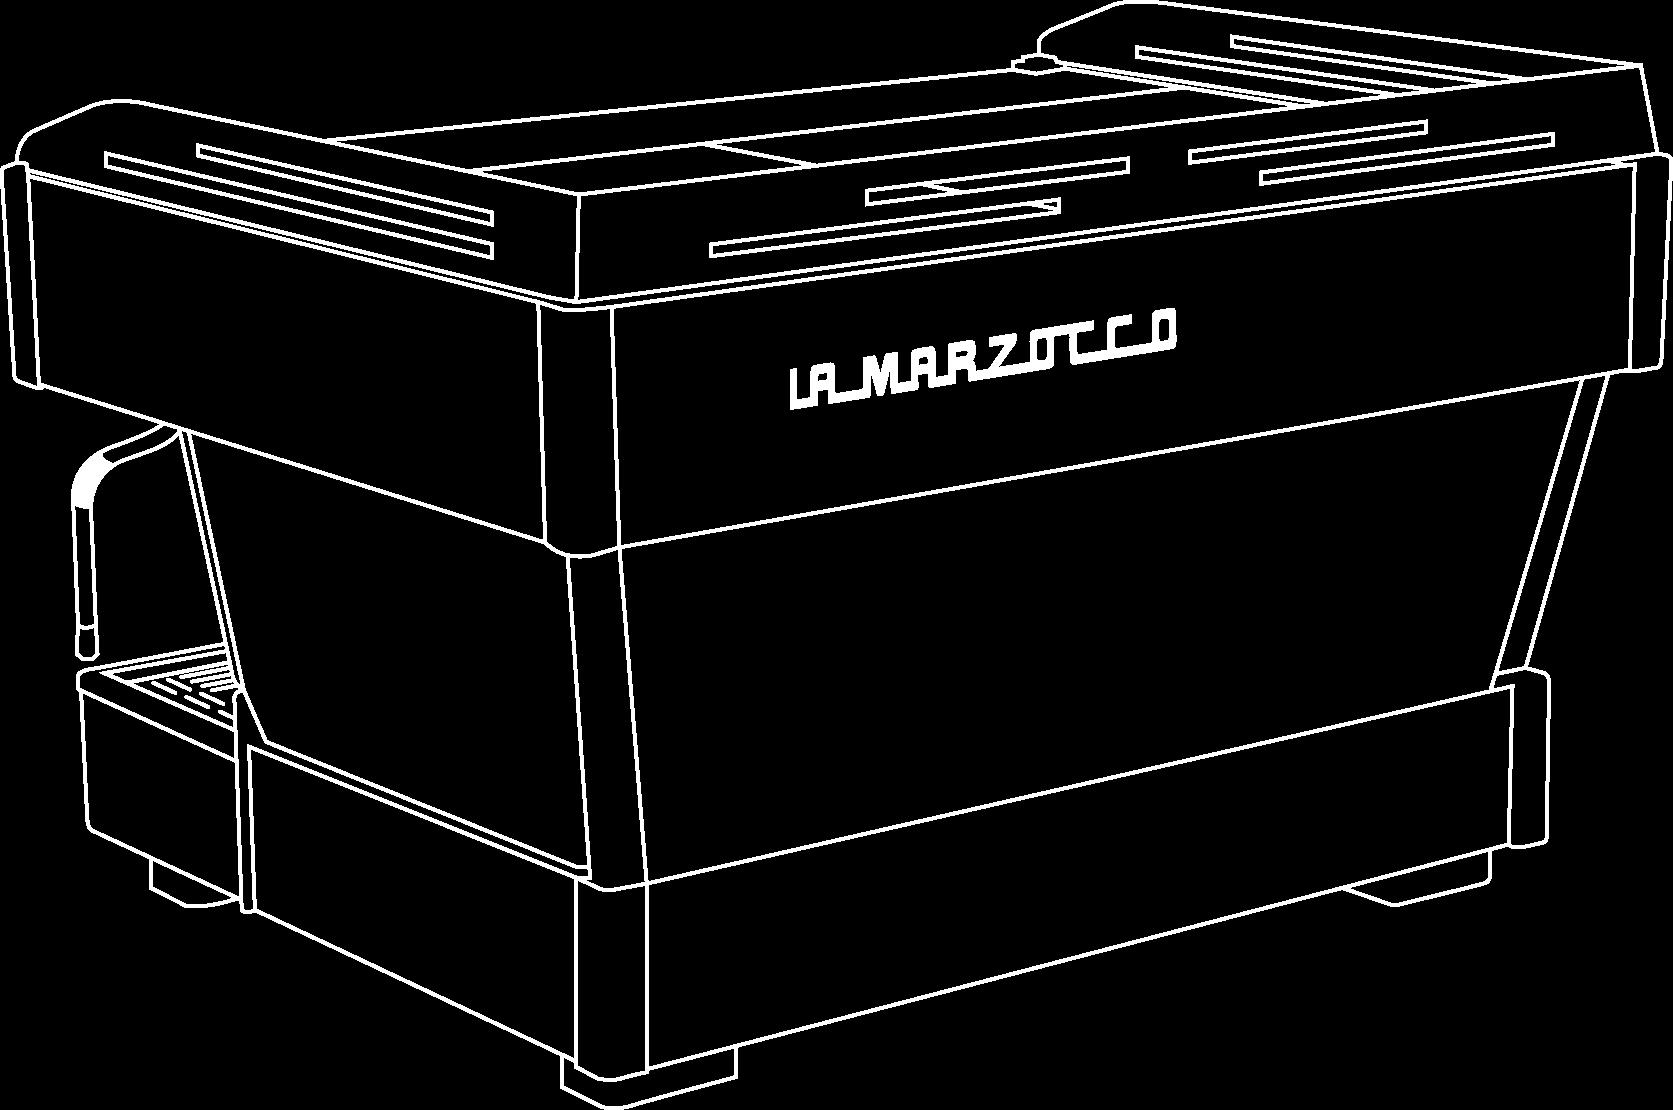 LaMazzoc.png